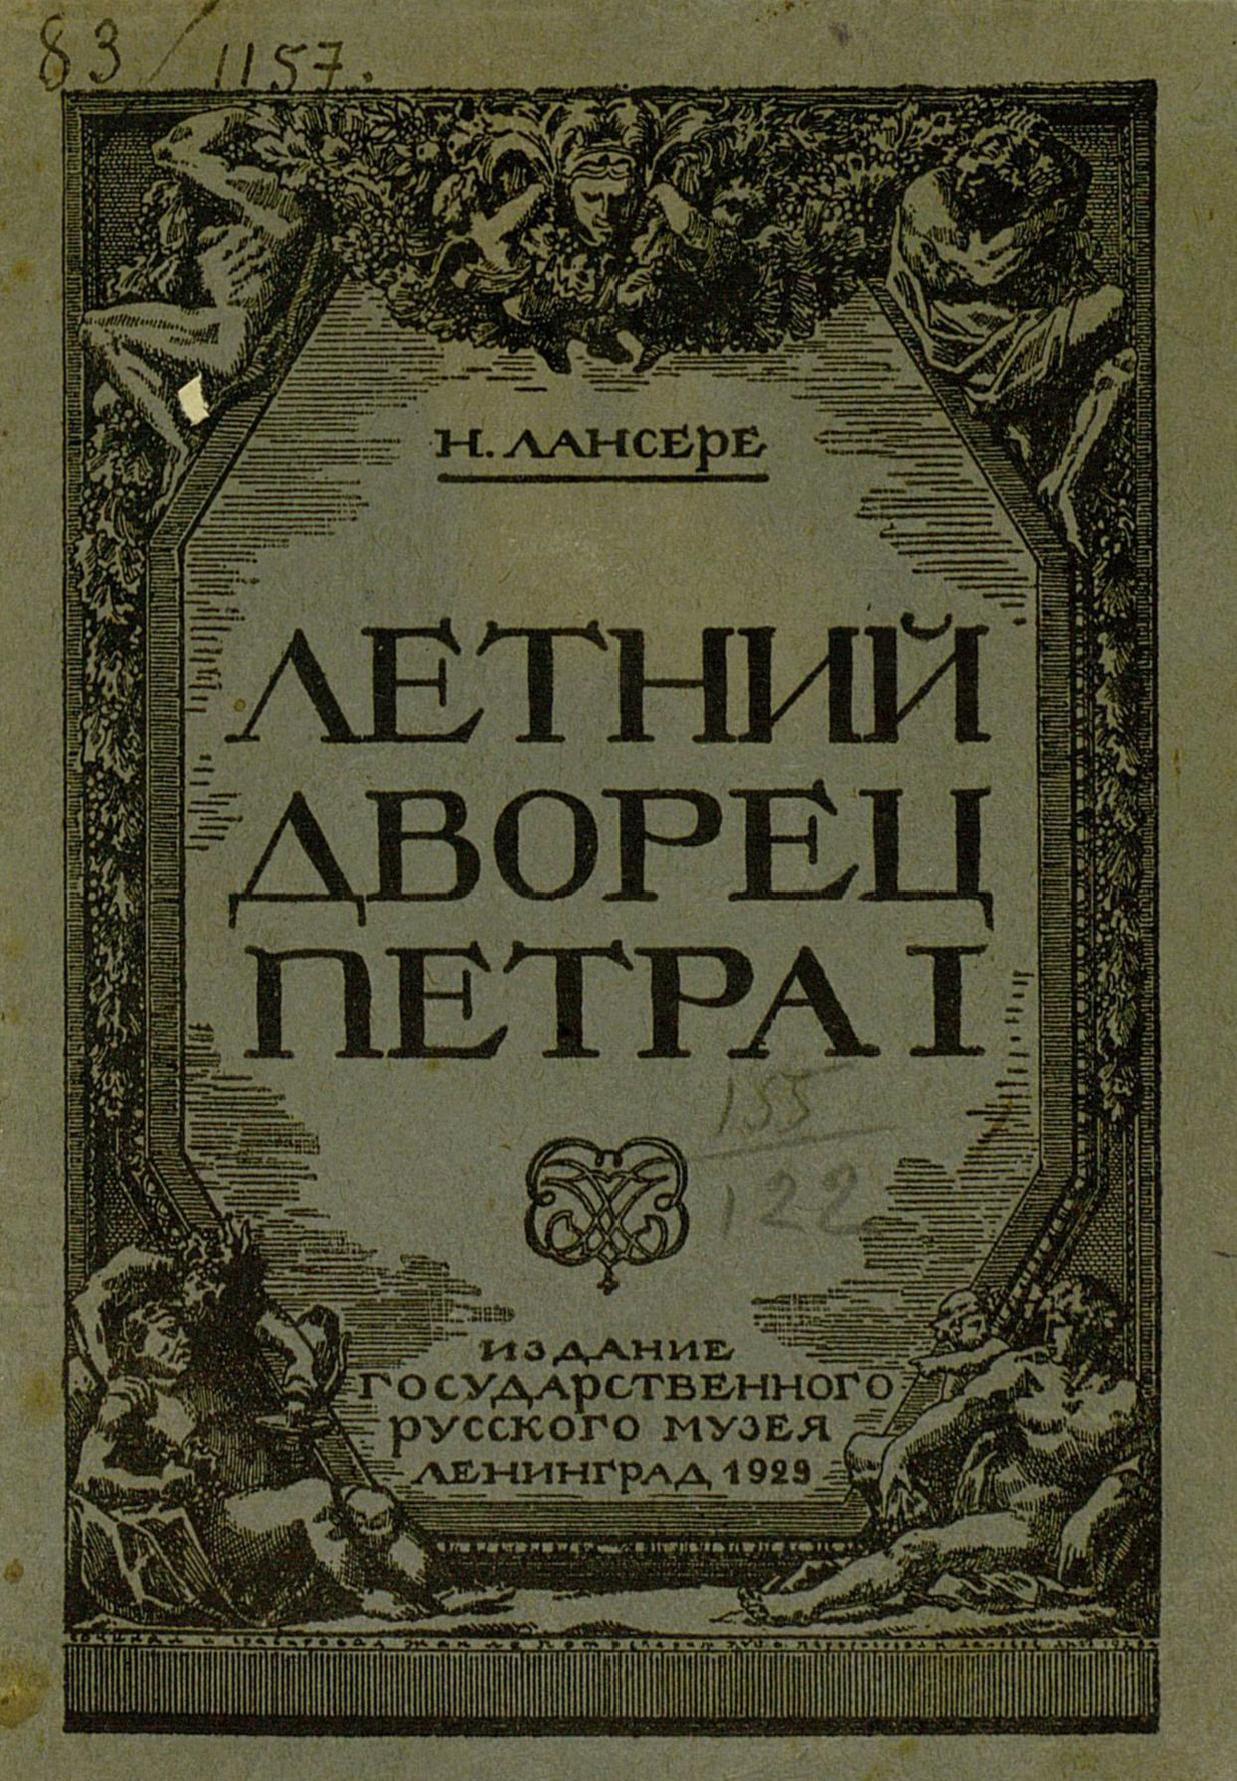 Коллектив авторов Летний дворец Петра I